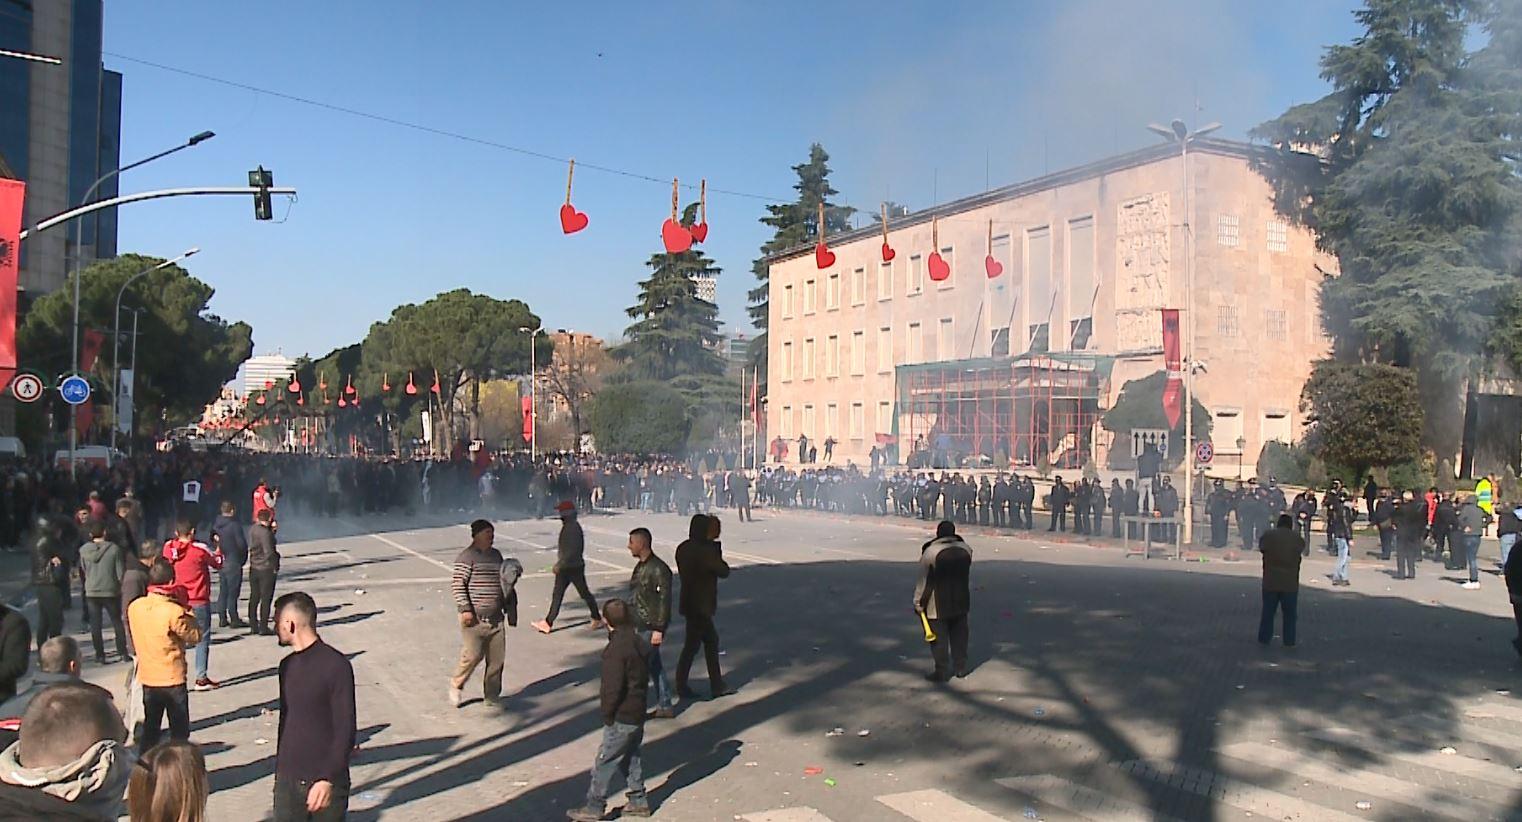 Lufta e protestuesve me policinë, tubimi që nisi me lule dhe u mbyll me flakë